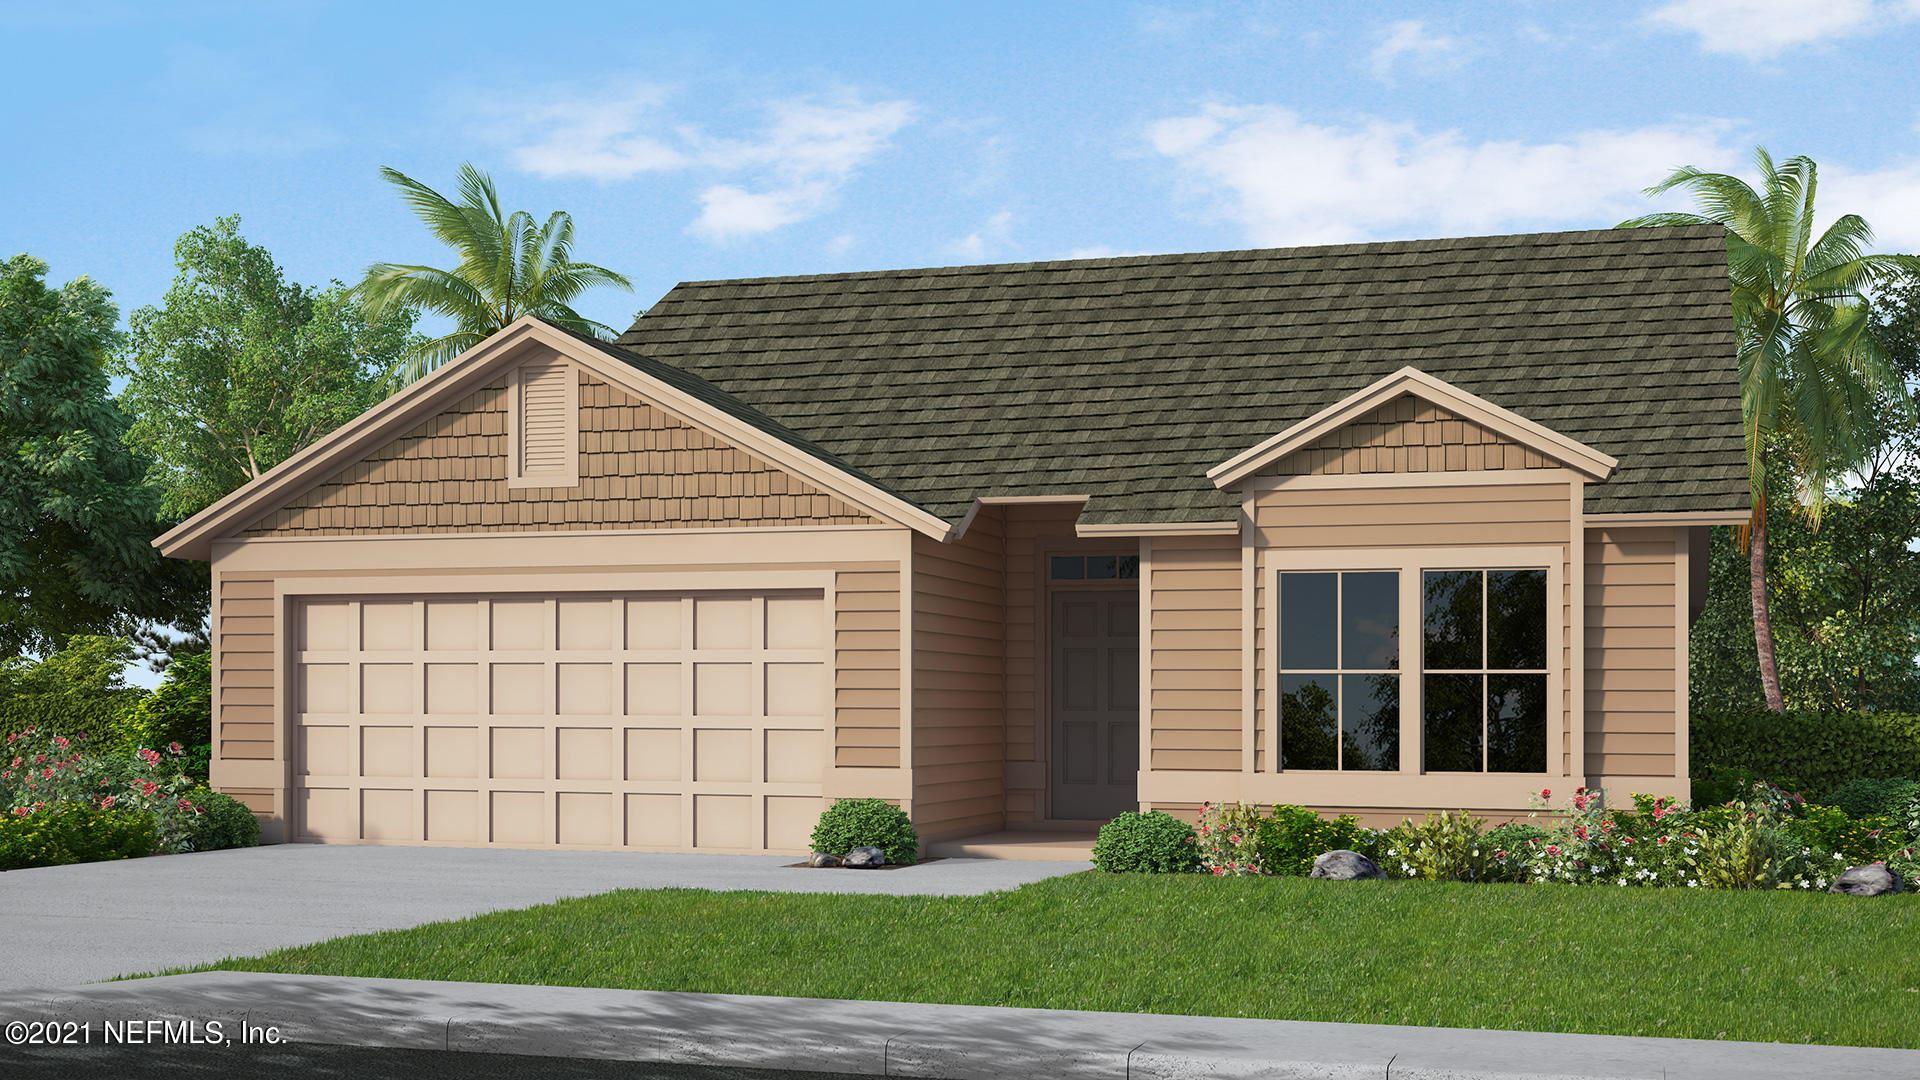 114 SPOONBILL CIR #Lot No: 268, Saint Augustine, FL 32092 - MLS#: 1090425